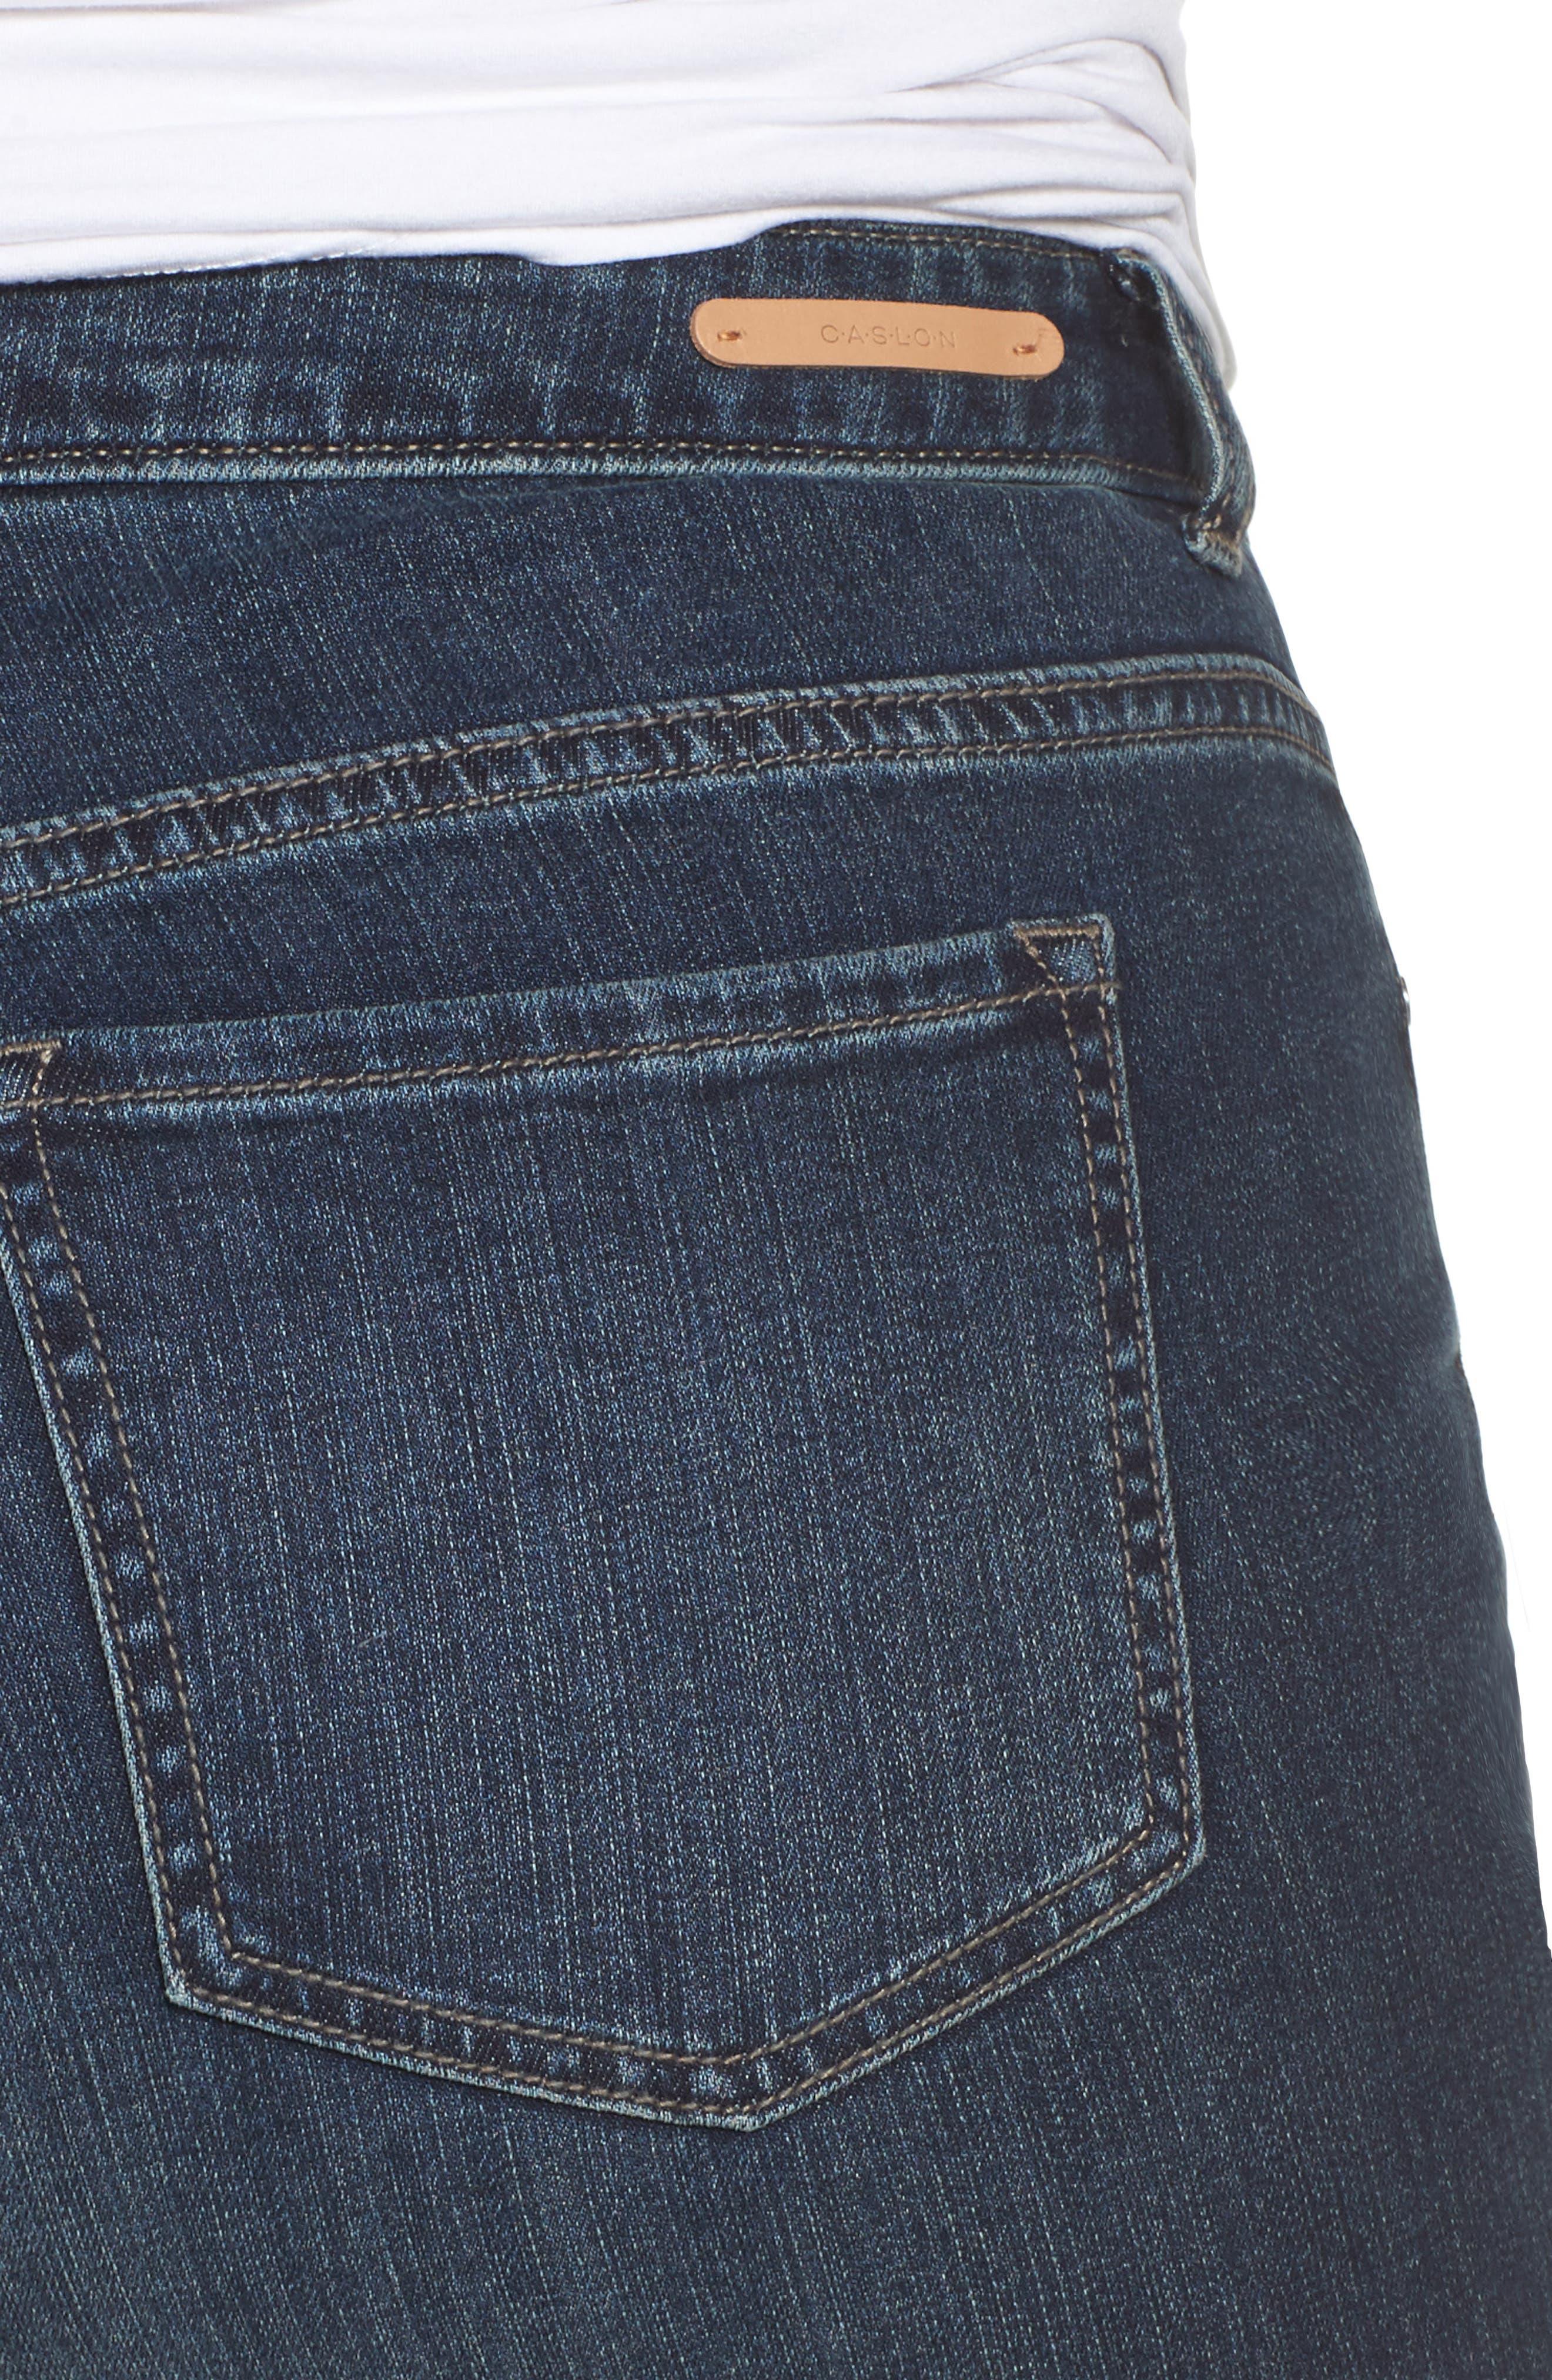 Boyfriend Jeans,                             Alternate thumbnail 4, color,                             420